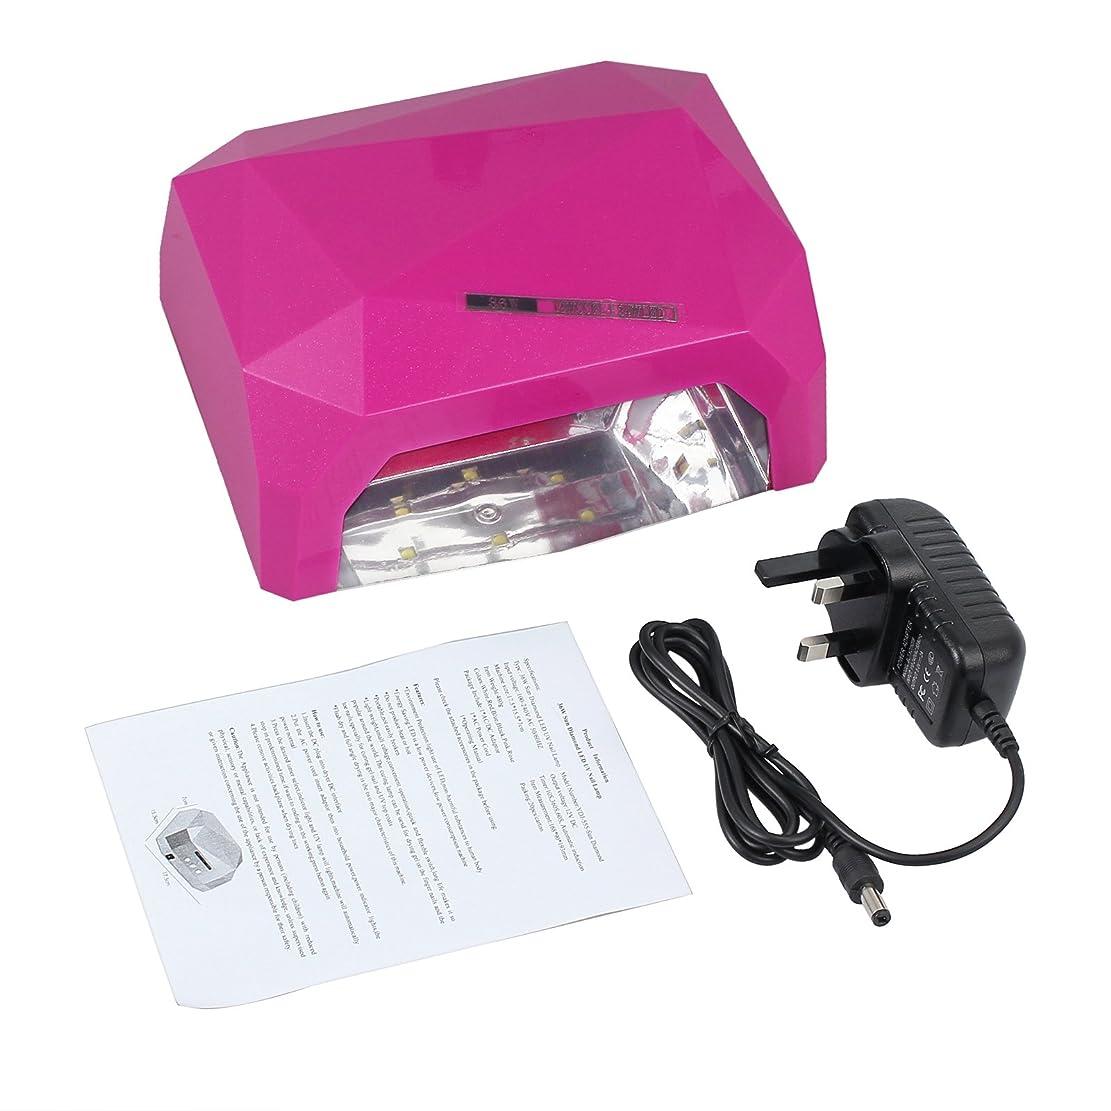 疑い者ロビーヒステリックJustech ネイルドライヤー LED+ UV ジェルネイルライト マニキュア用 硬化用 uvライト タイマー付き (ピンク)